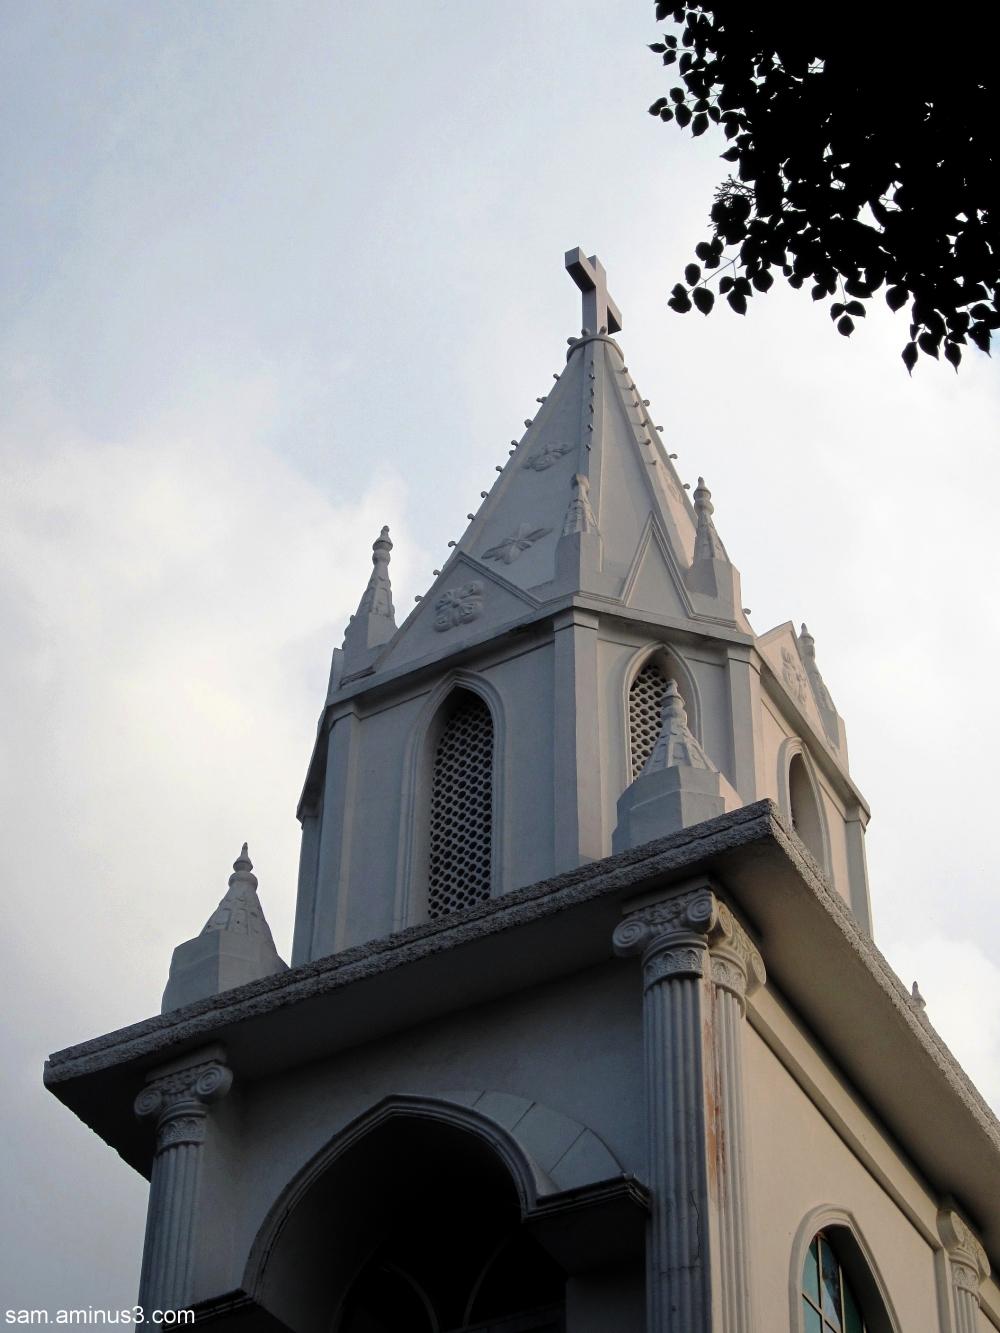 St.Mathias church